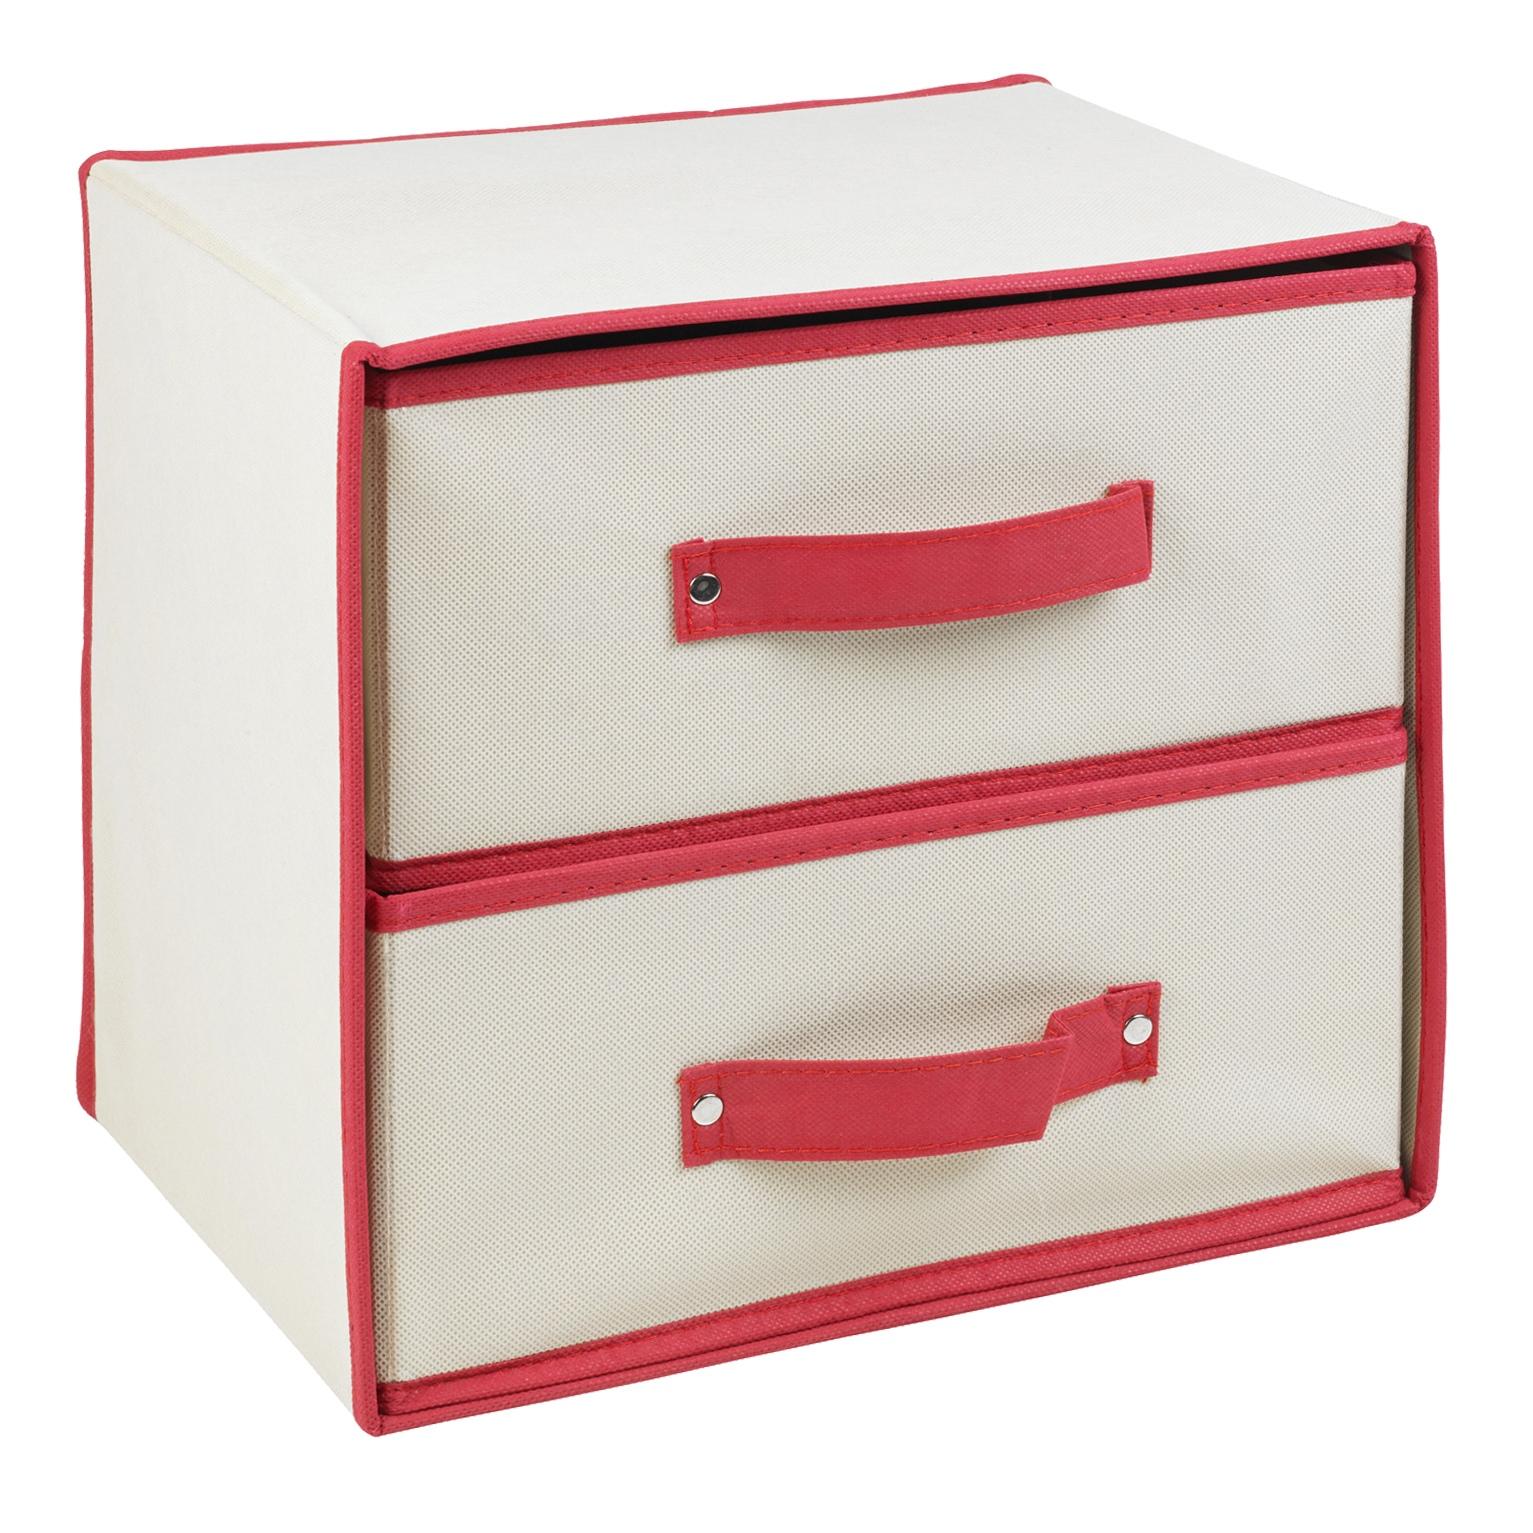 klappbar stoff 2 schubladen aufbewahrungsboxen beh lter bohrerspitzen bobs ebay. Black Bedroom Furniture Sets. Home Design Ideas